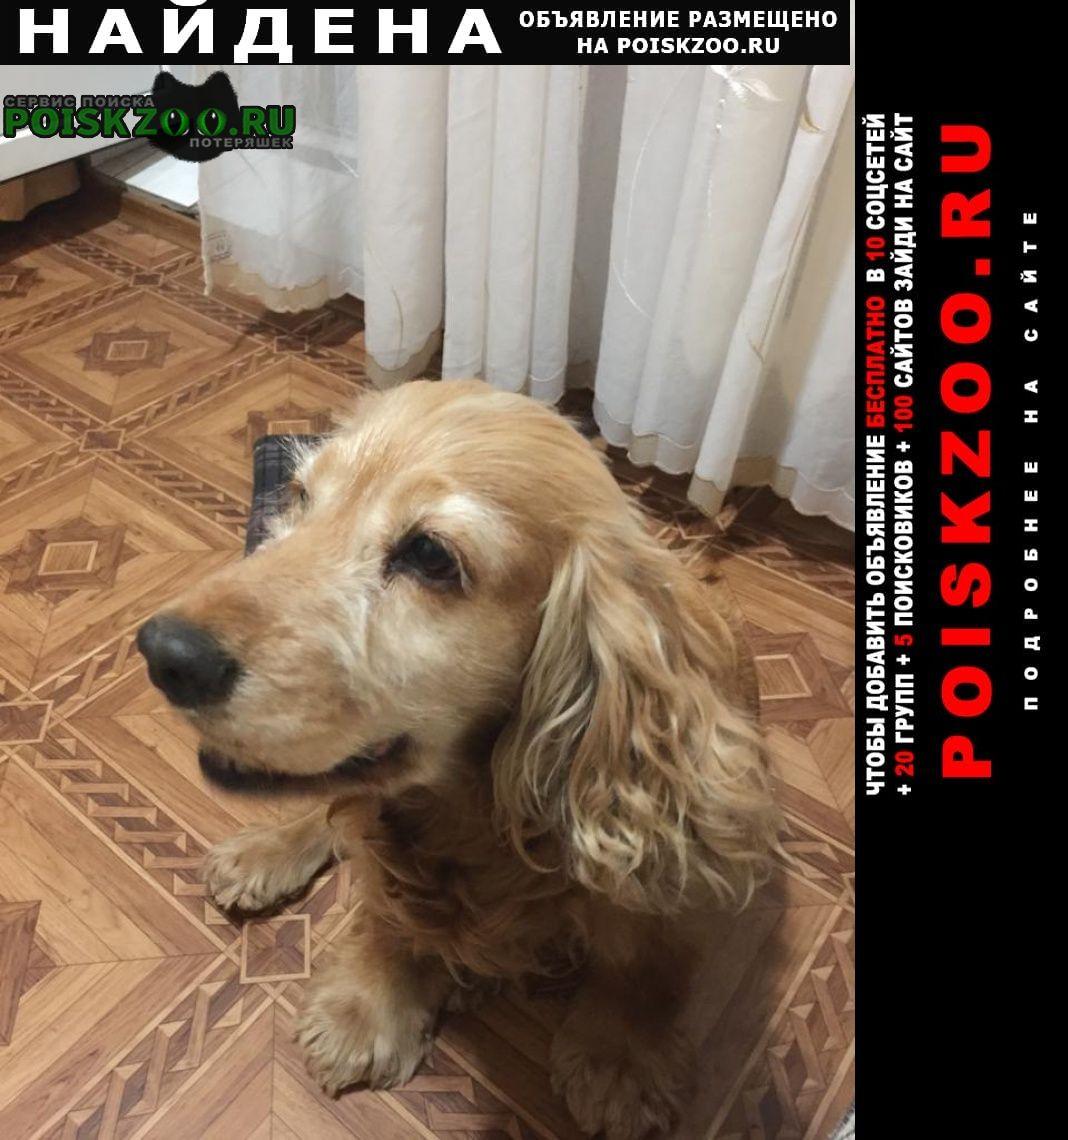 Найдена собака дрессированная и ухоженная Ейск